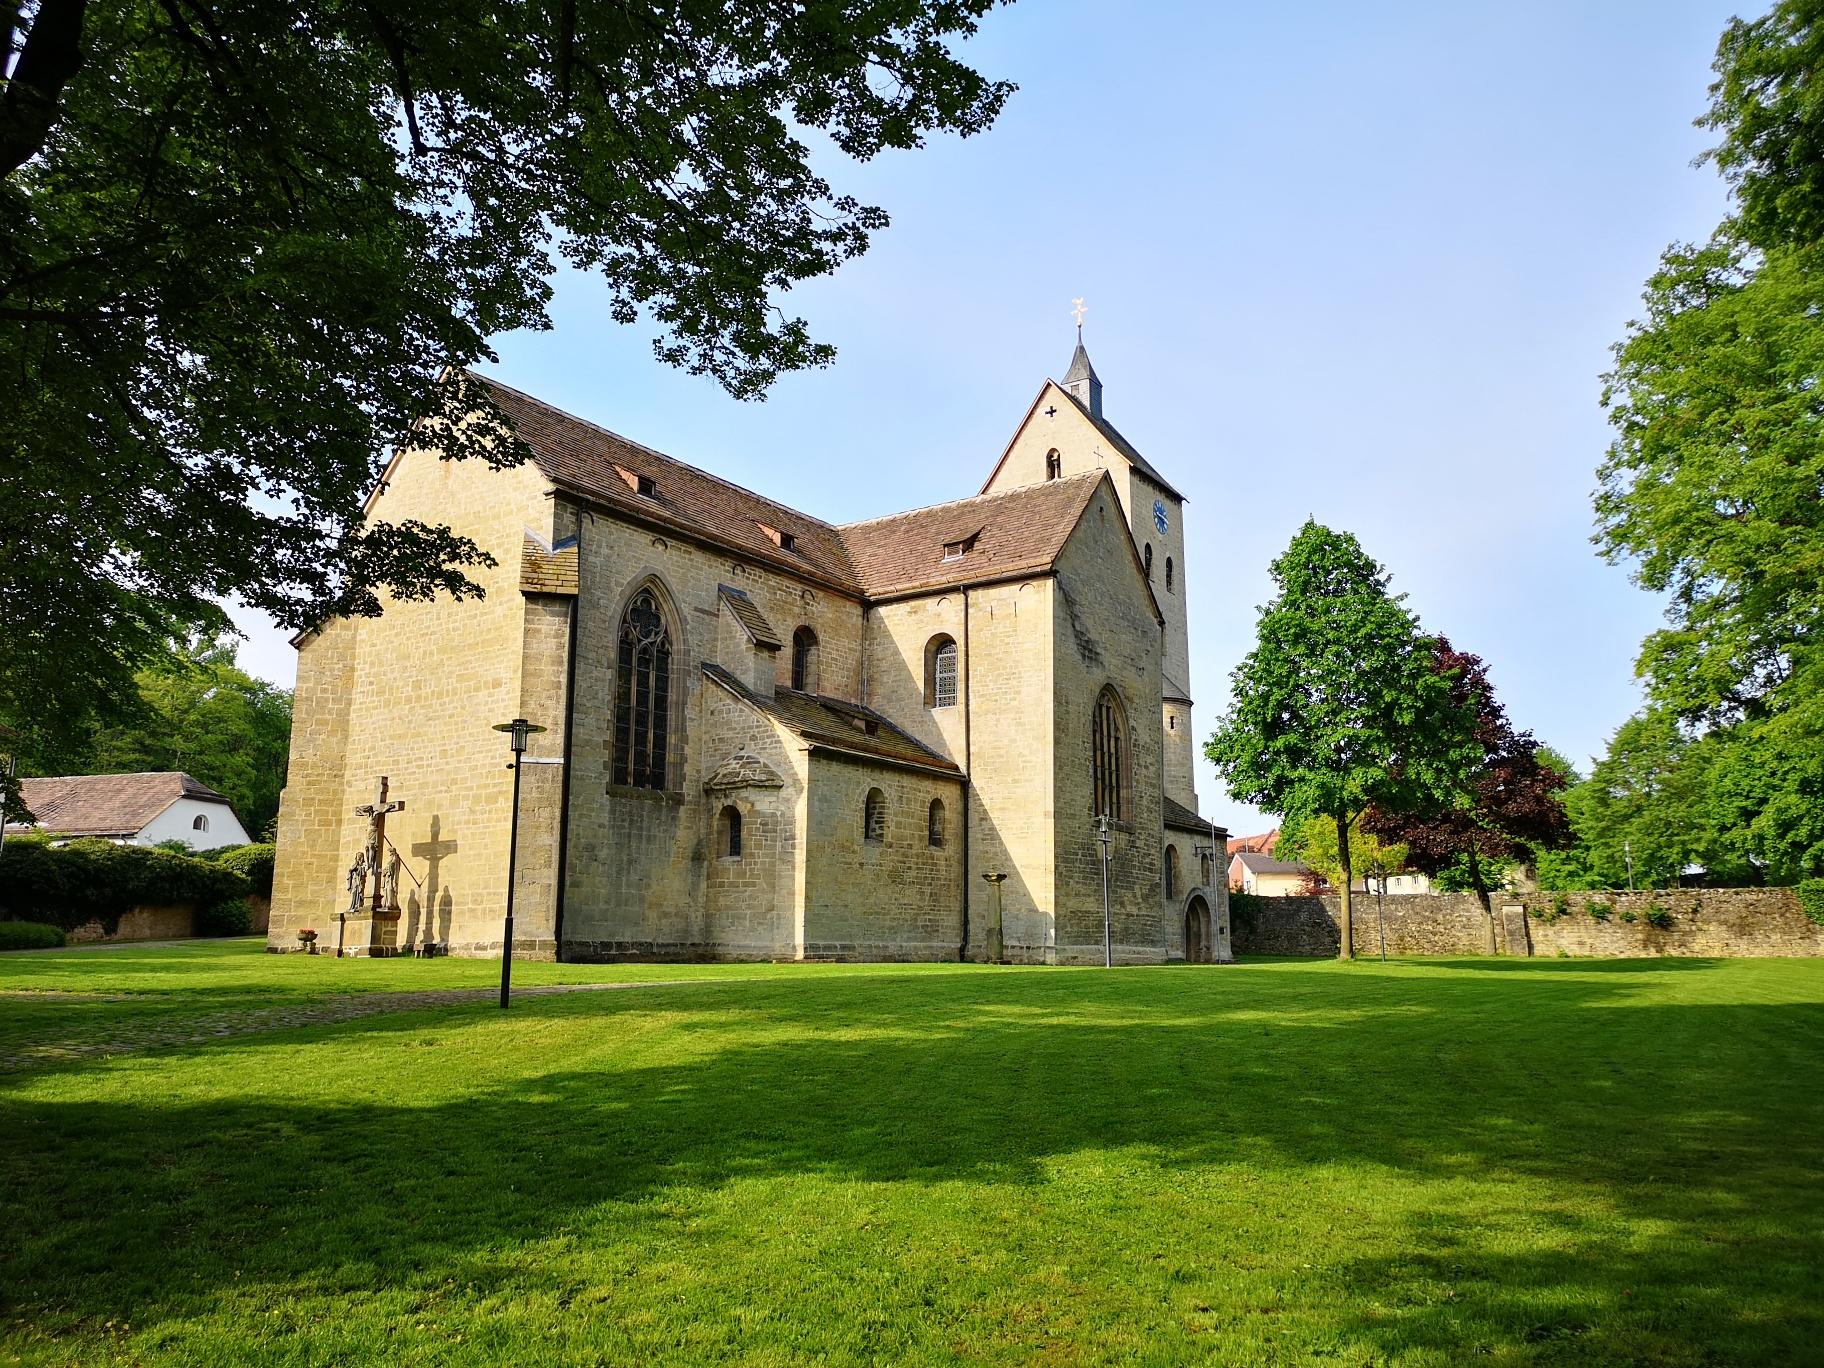 Die Klosterkirche St. Peter und Paul in Brakel-Gehrden